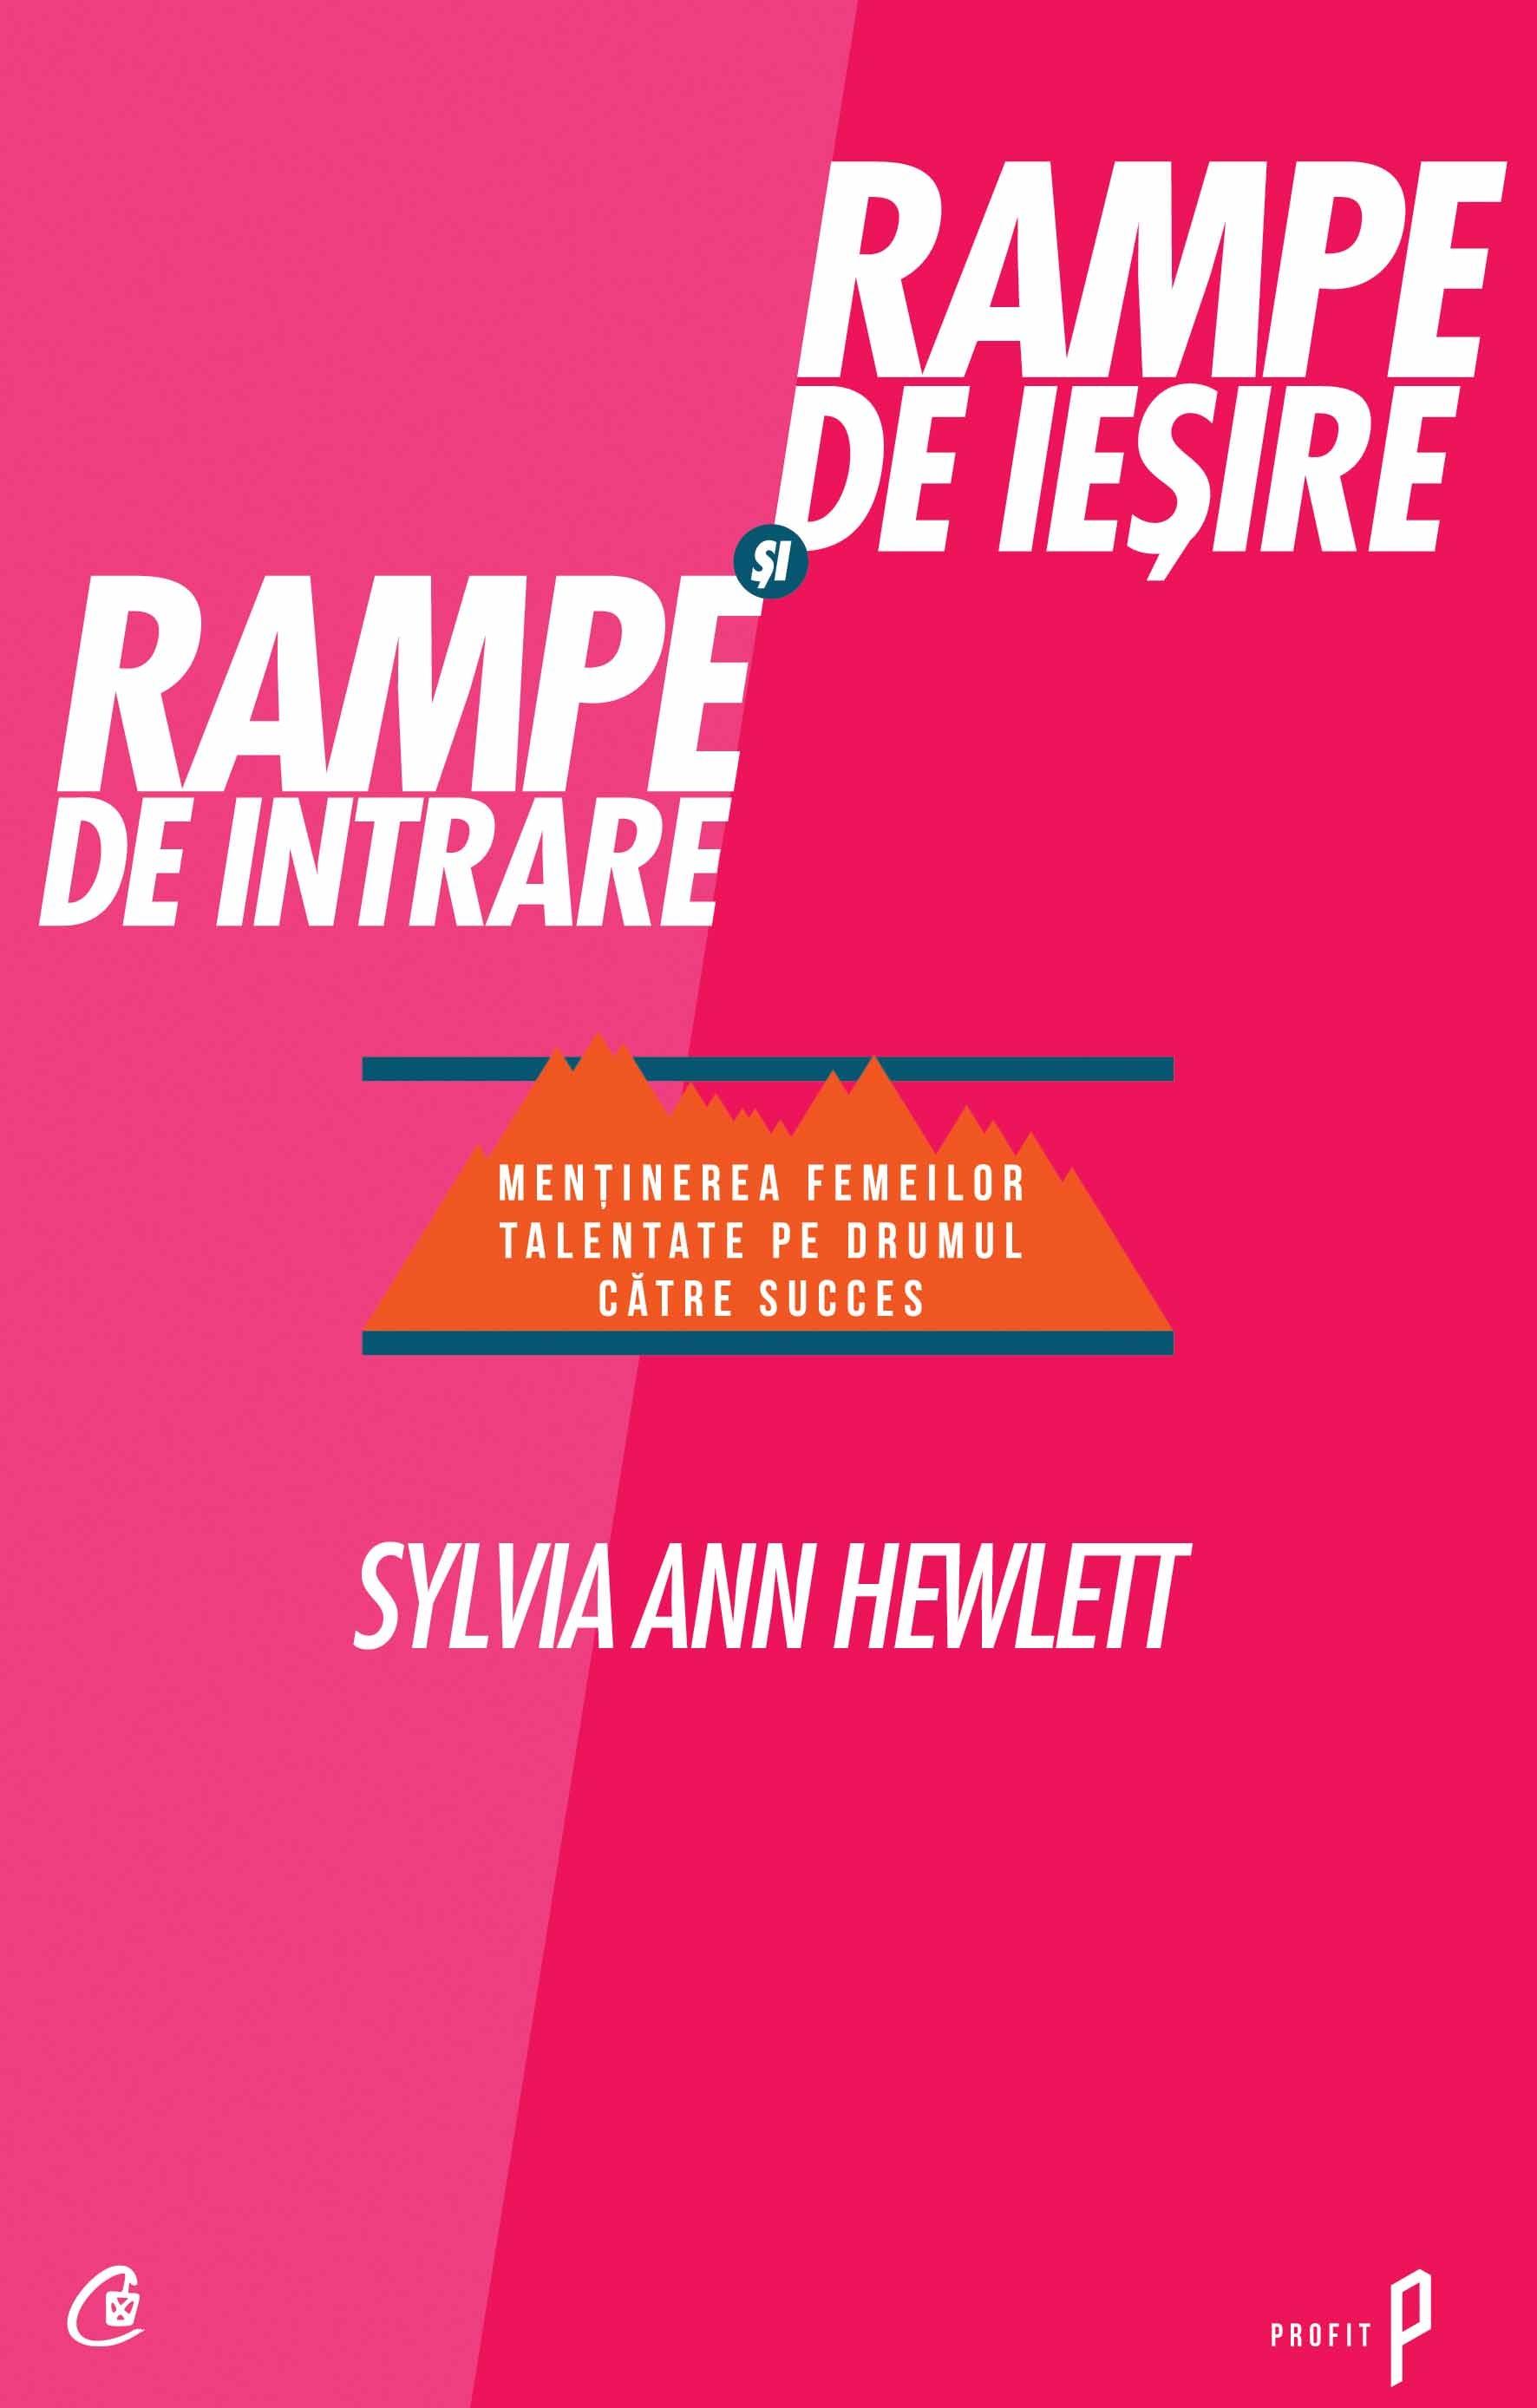 Rampe De Ieşire şi Rampe De Intrare - Sylvia Ann Hewlett